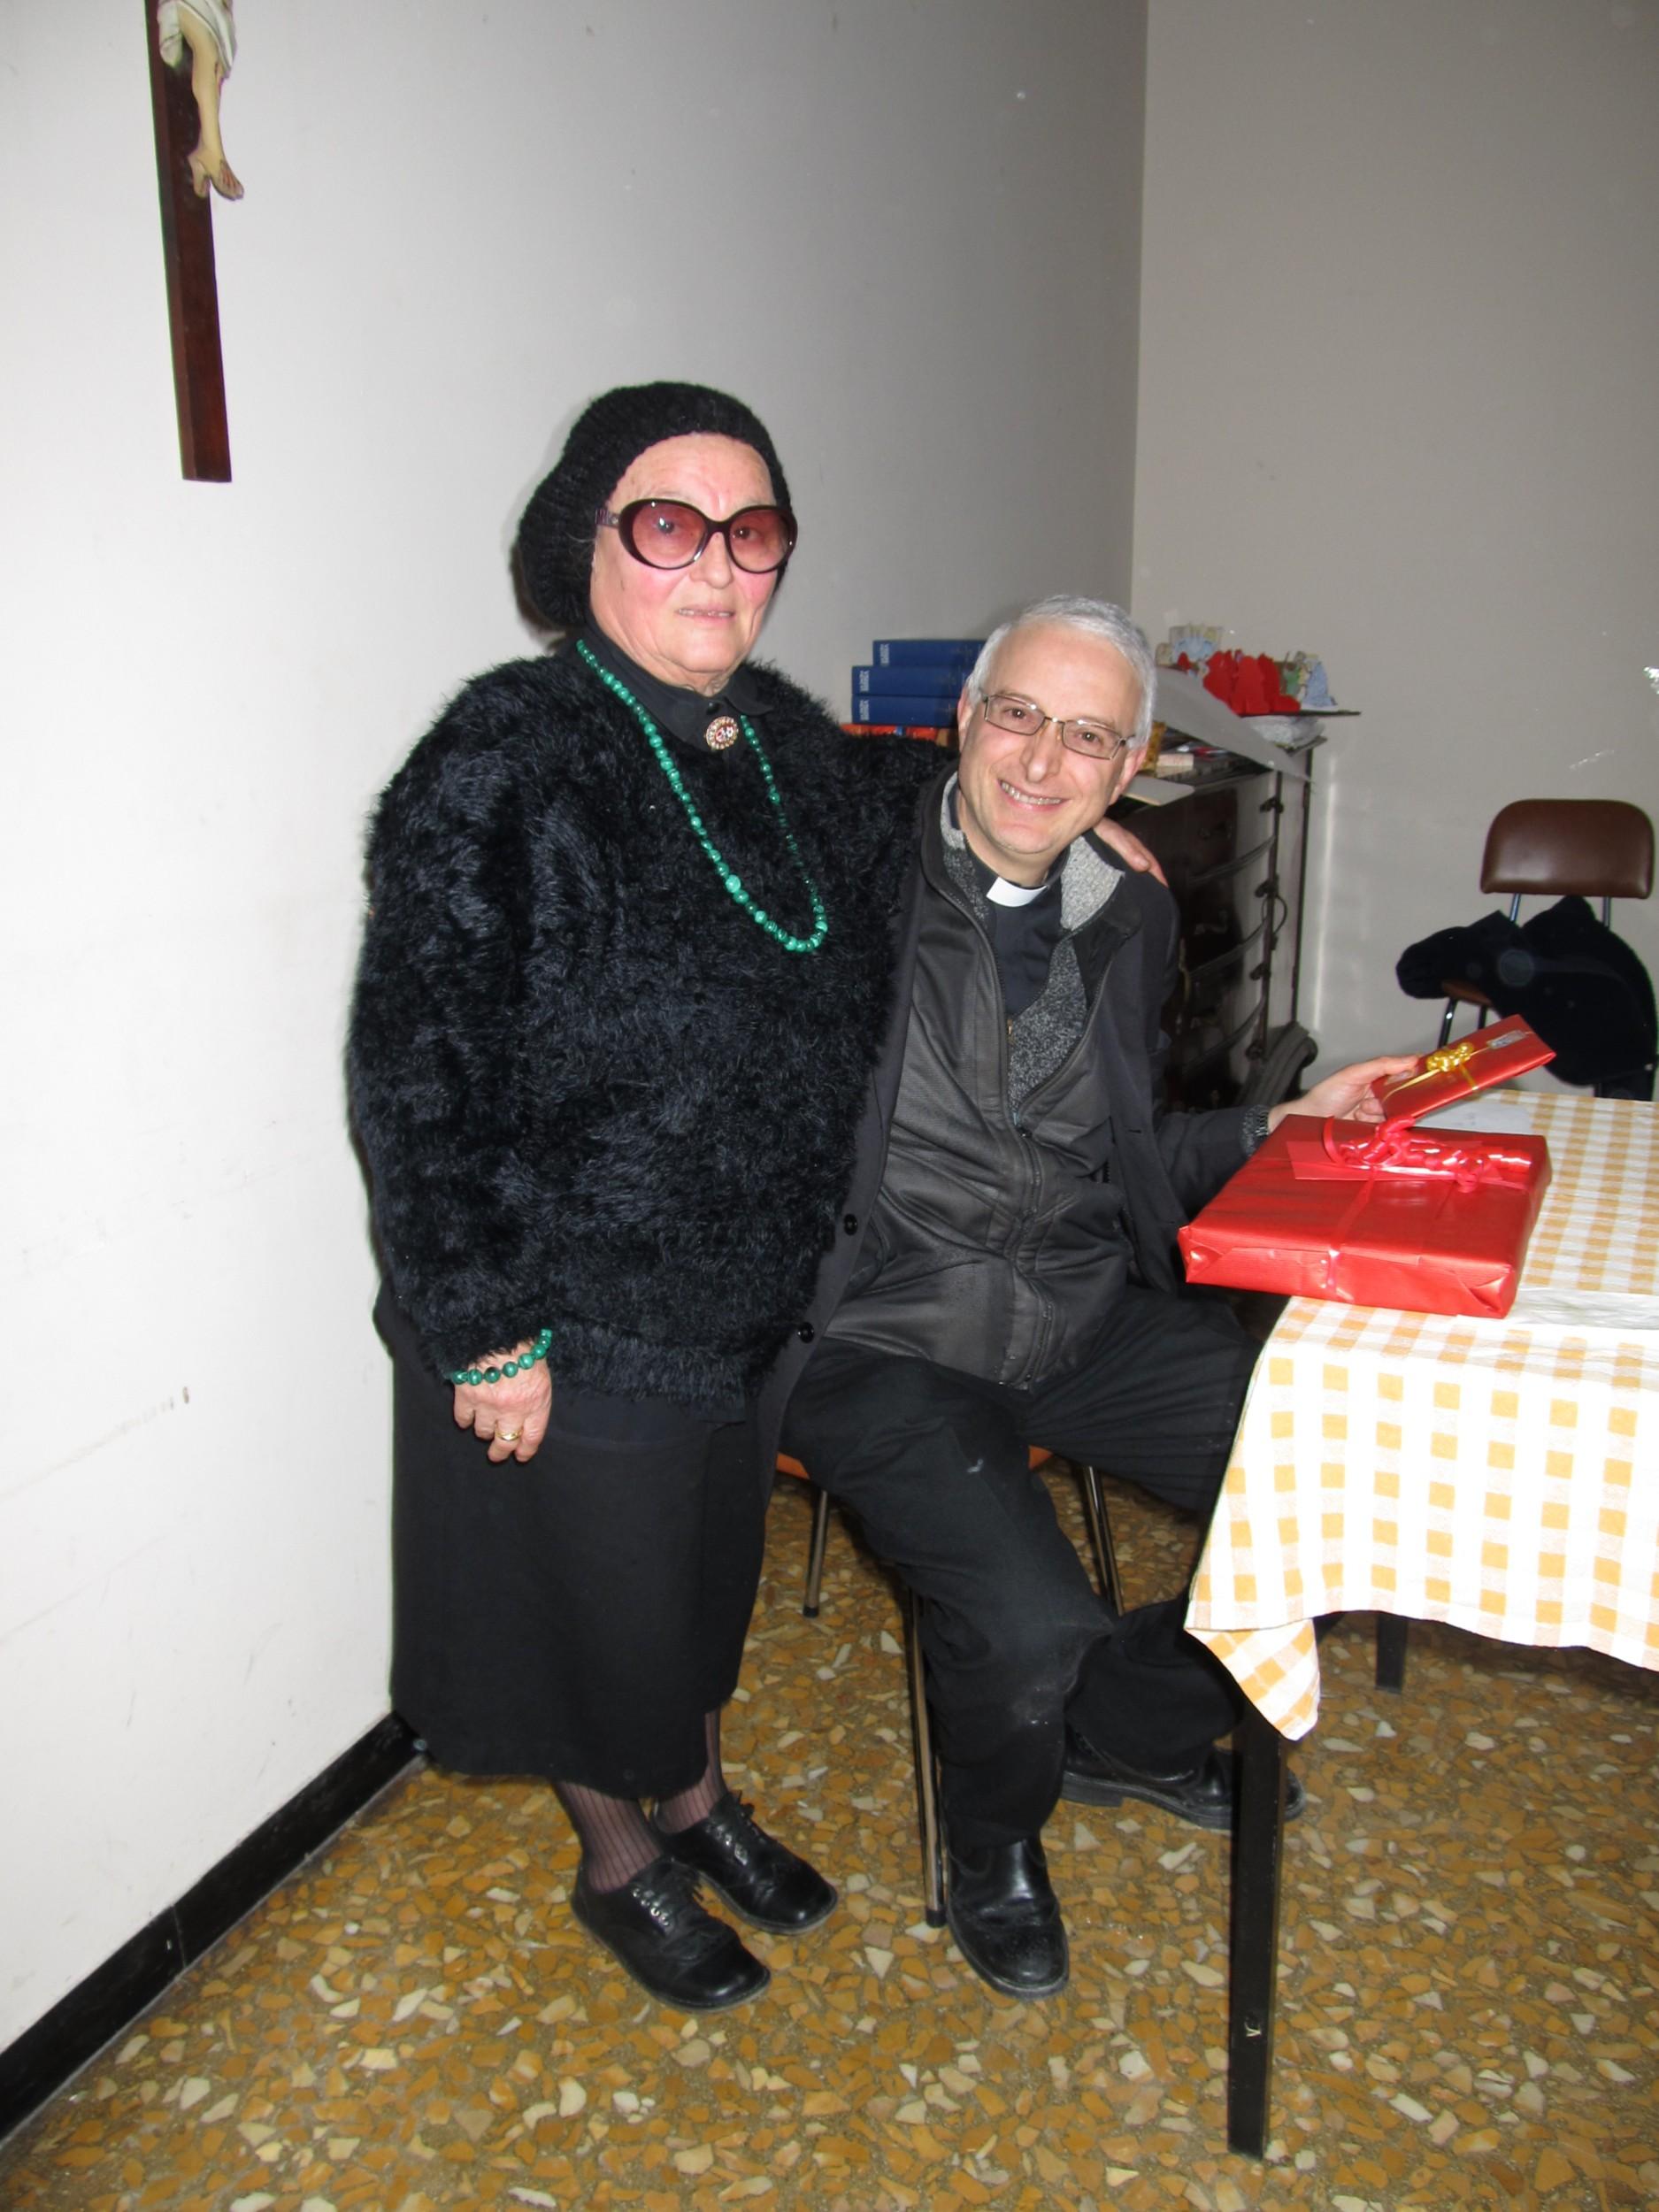 cena_gruppo_vangelo_2013-12-22-21-29-49